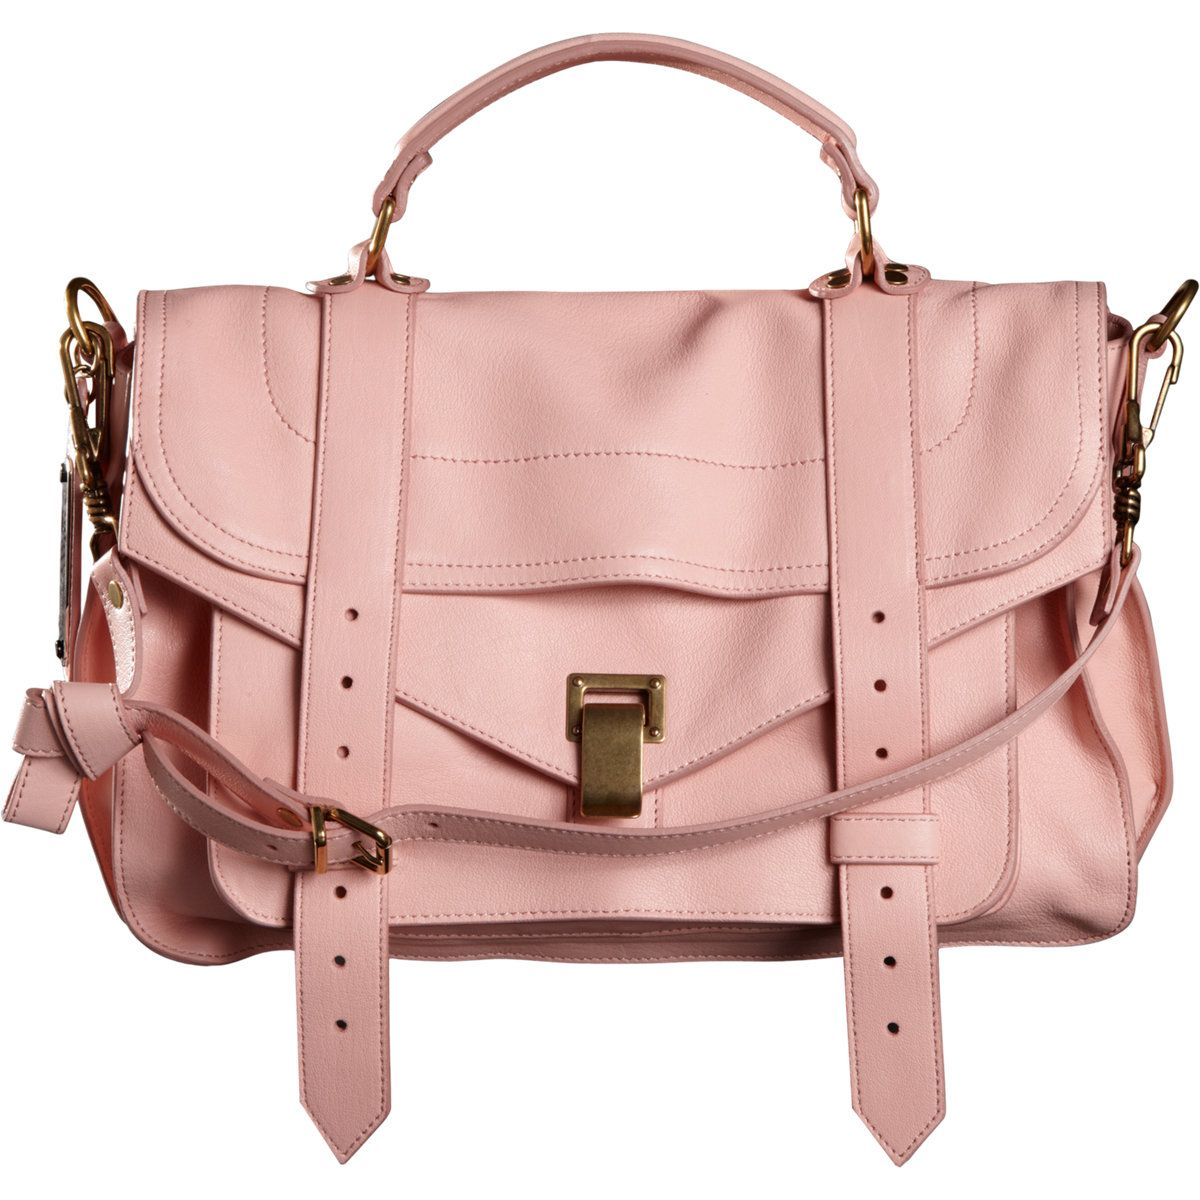 8ca982c703 Proenza Schouler PS1 Medium Leather at Barneys.com  1